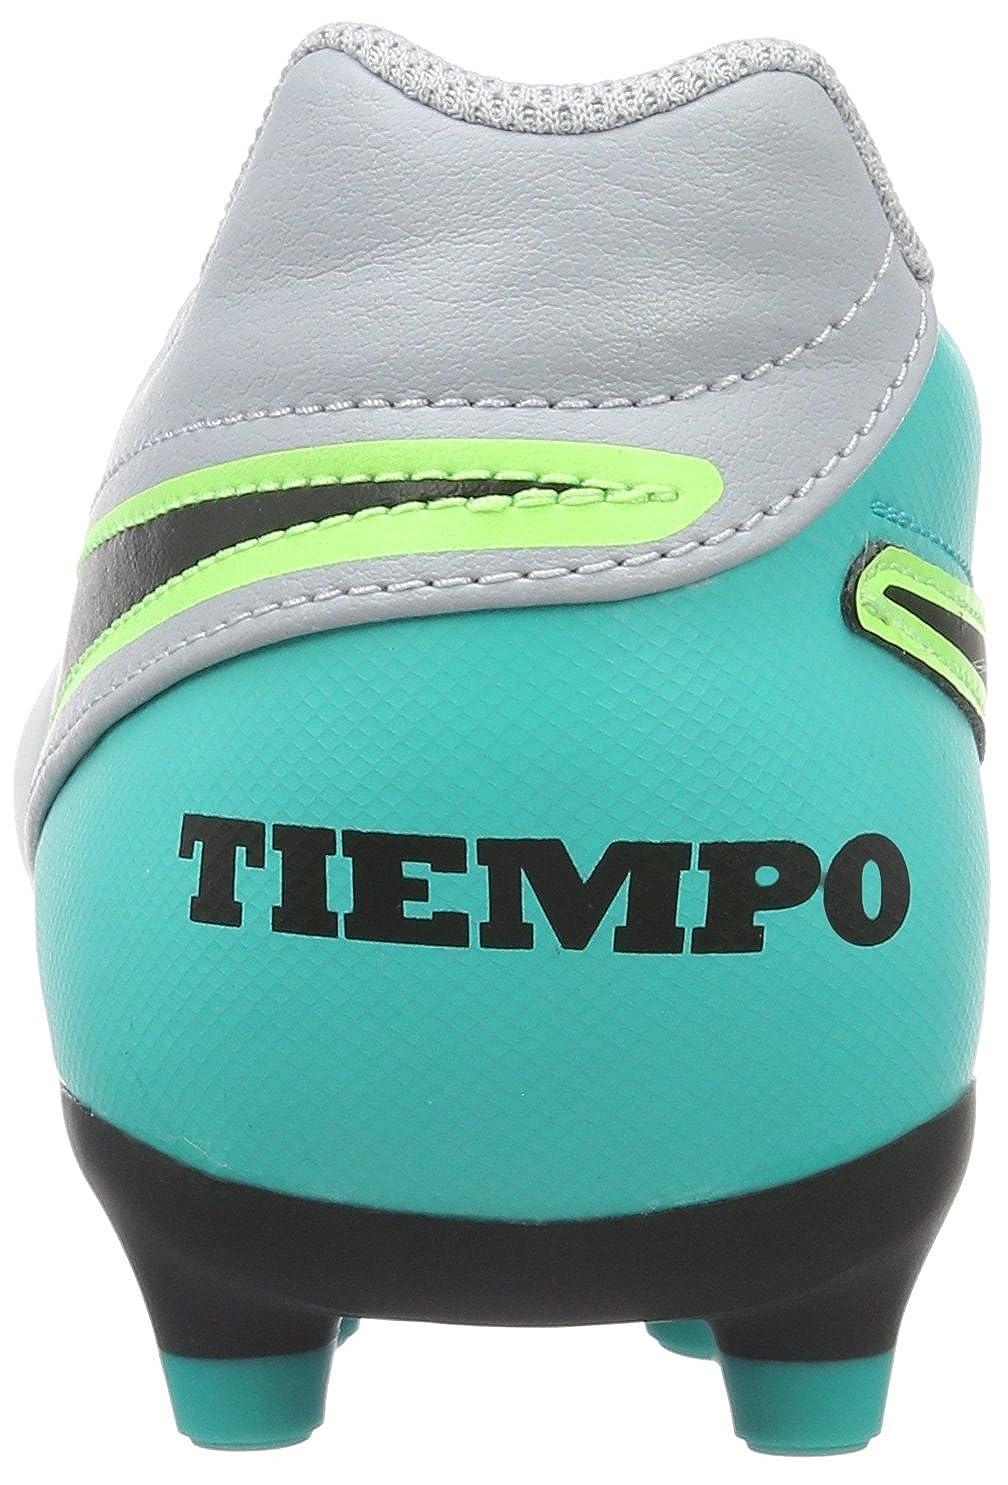 Nike   Tiempo Rio Rio Rio Iii Firm Ground, Scarpe da calcio Uomo e9f89b